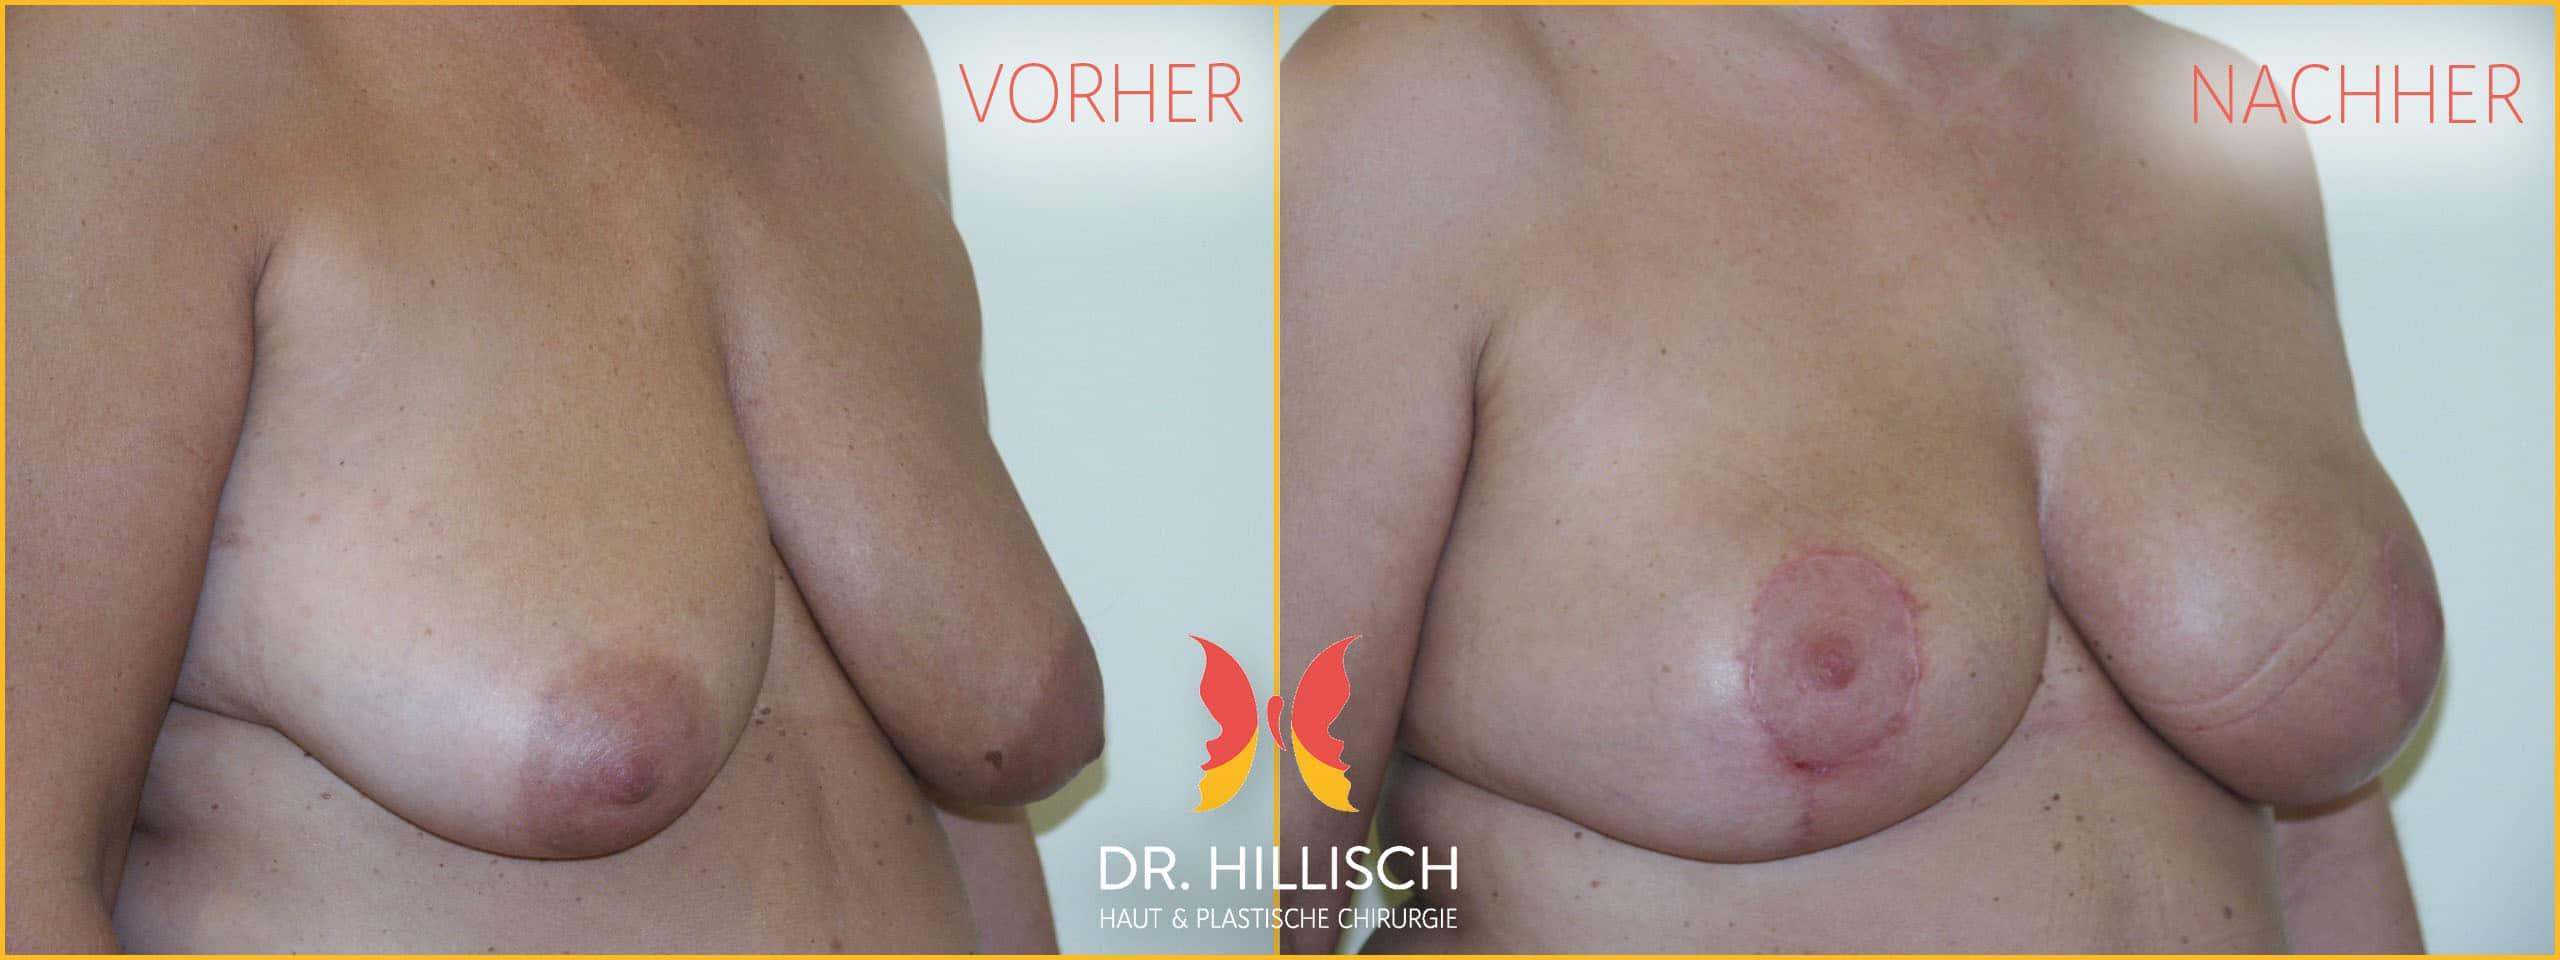 Brust Vorher Nachher Patient 014